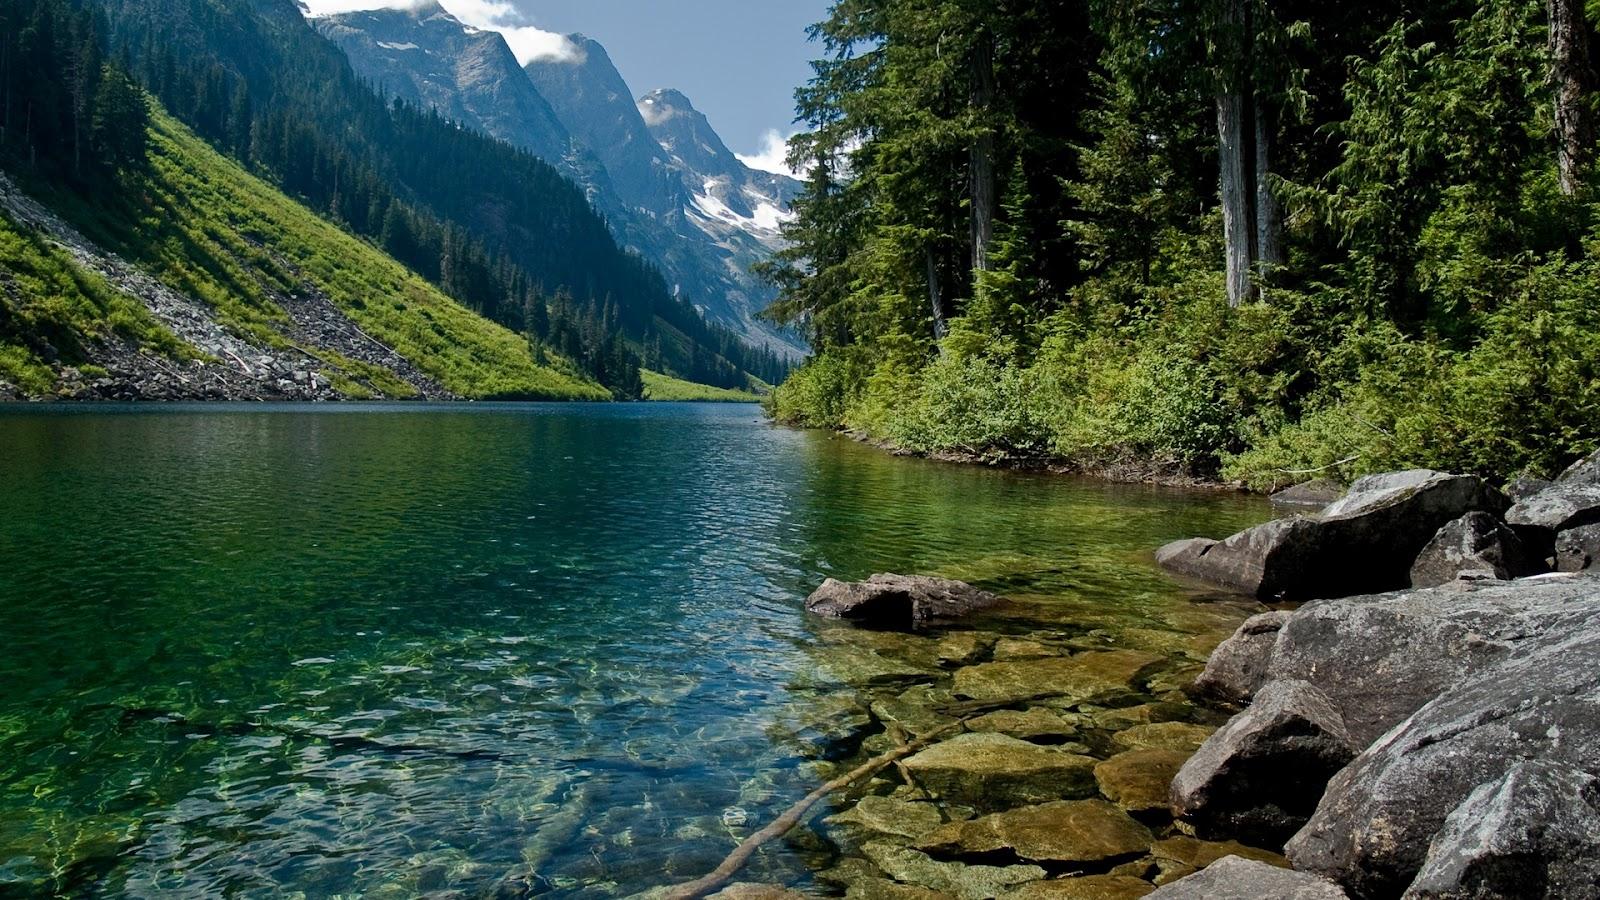 Foto, picture, Красивые фотографии хвойных лесов мира для рабочего стола, о